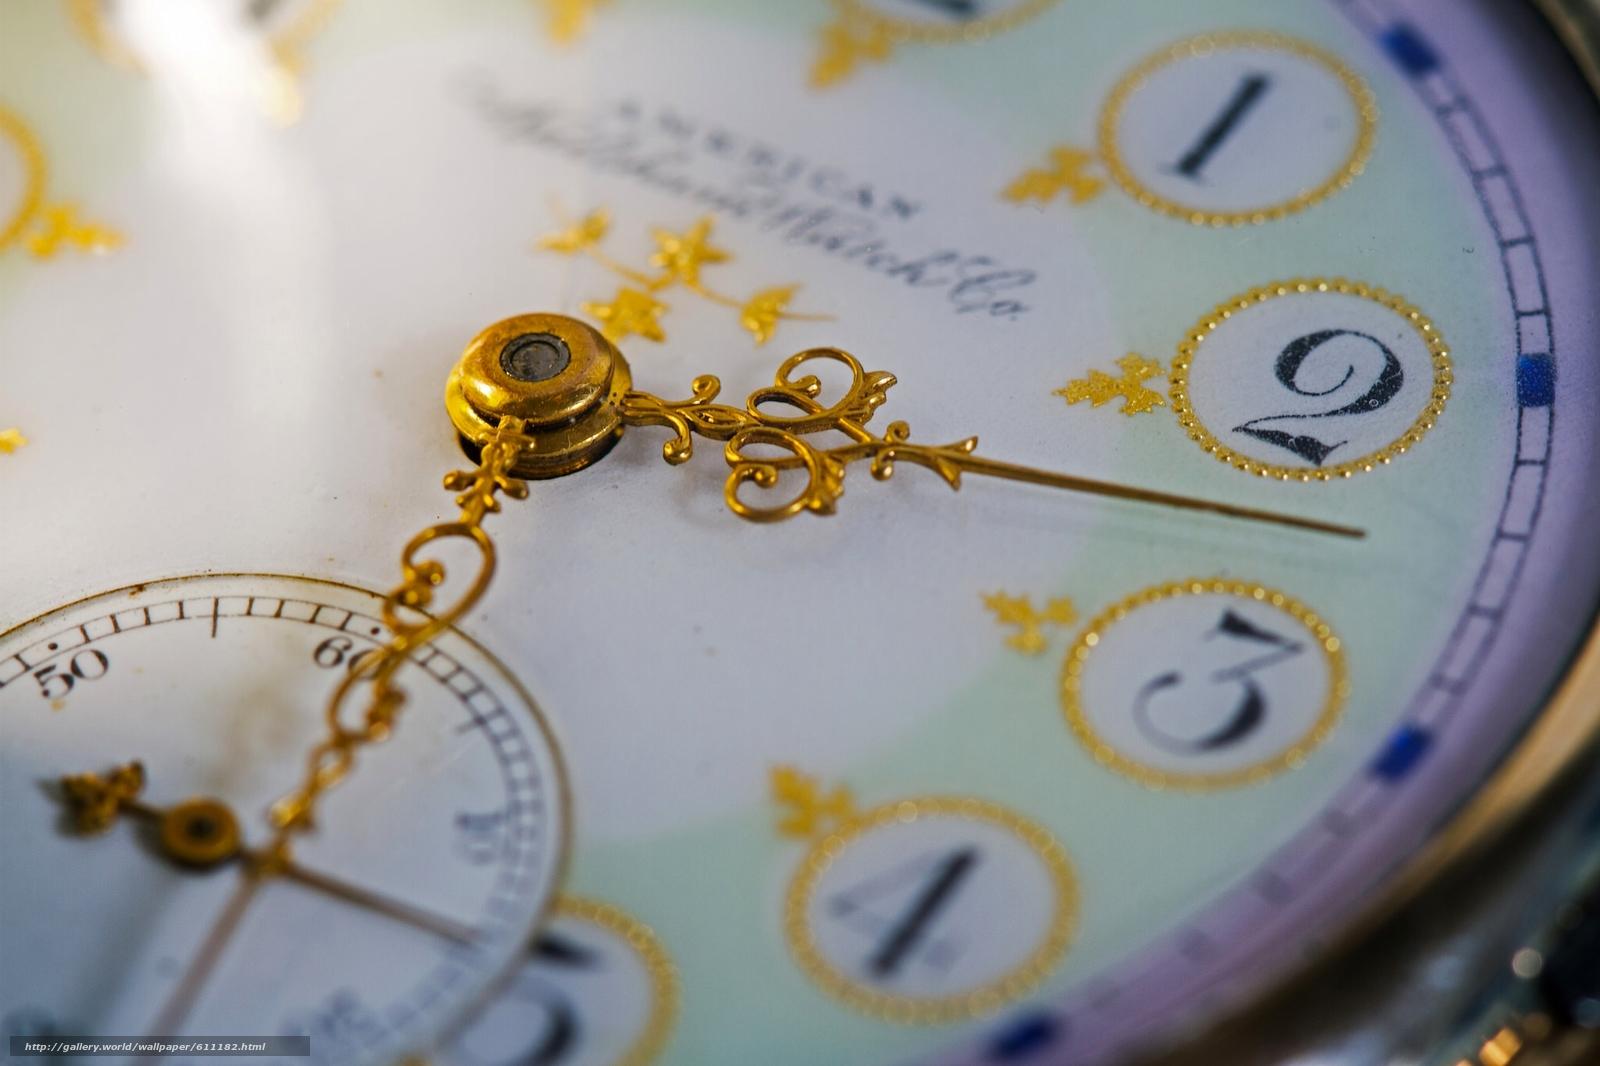 Скачать обои часы,  циферблат,  стрелки,  цифры бесплатно для рабочего стола в разрешении 2048x1365 — картинка №611182